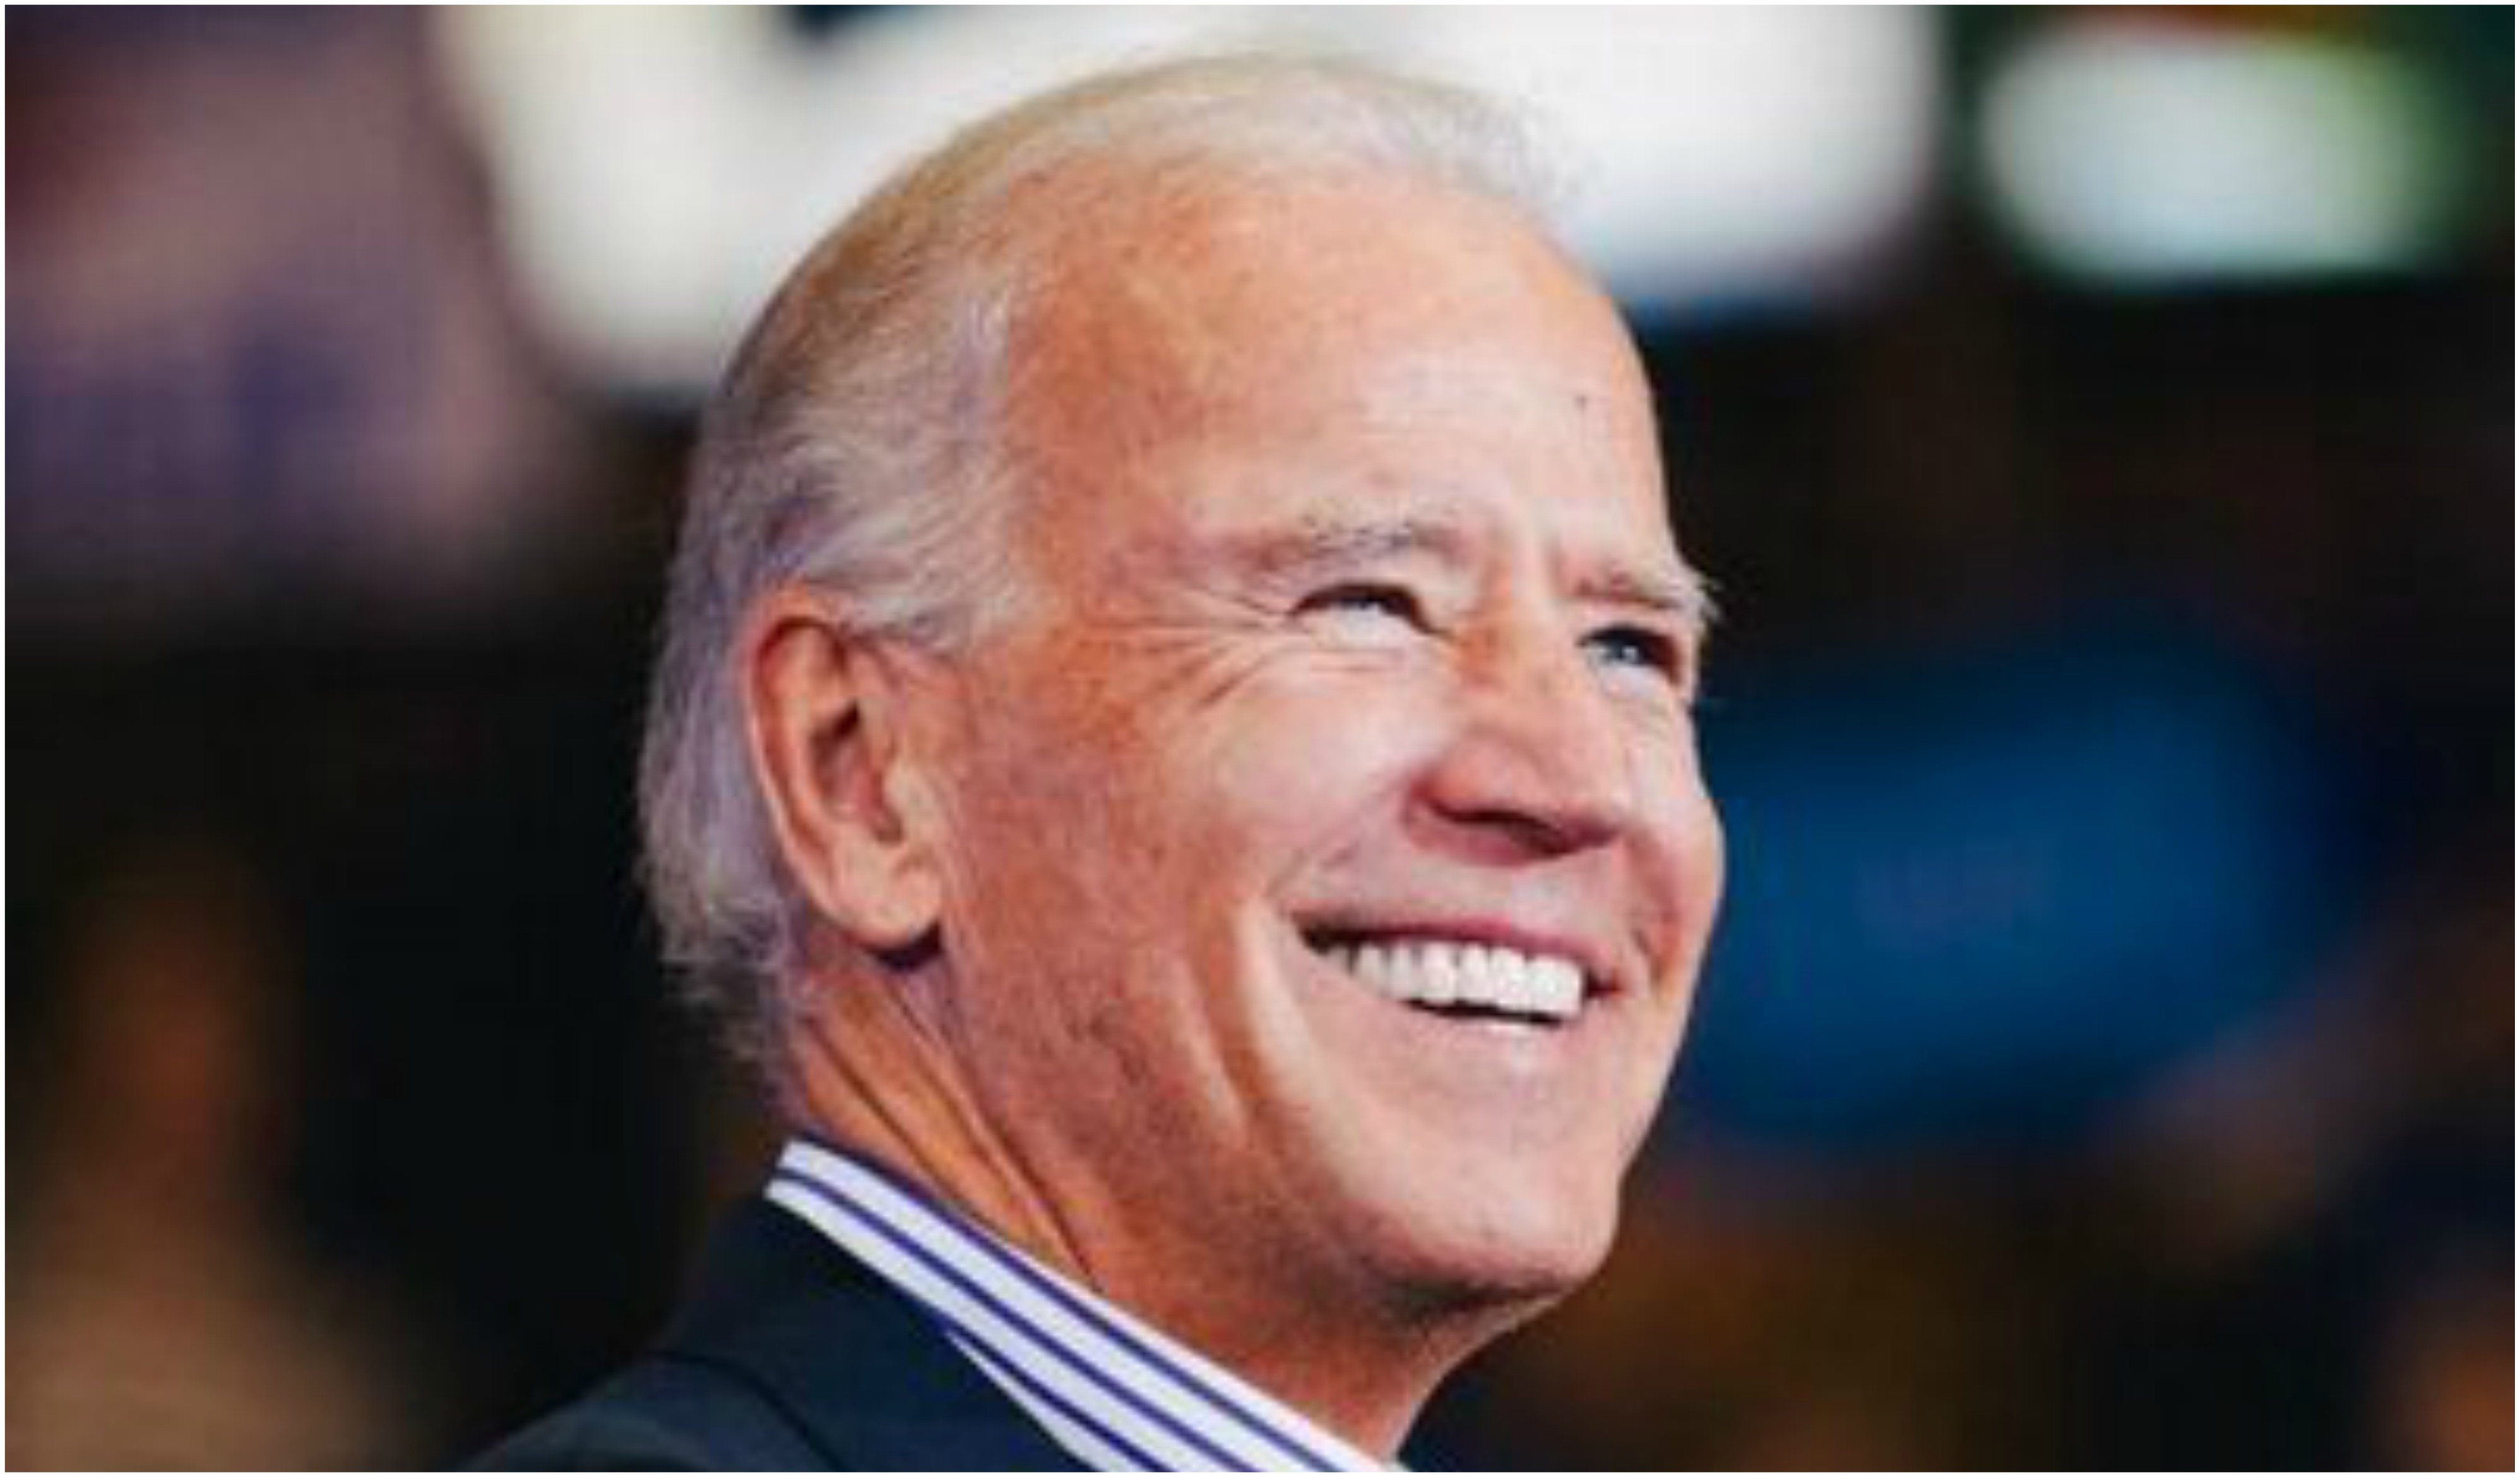 EEUU. El favorito a la nominación demócrata, Joe Biden, acusado de agresión sexual por una mujer